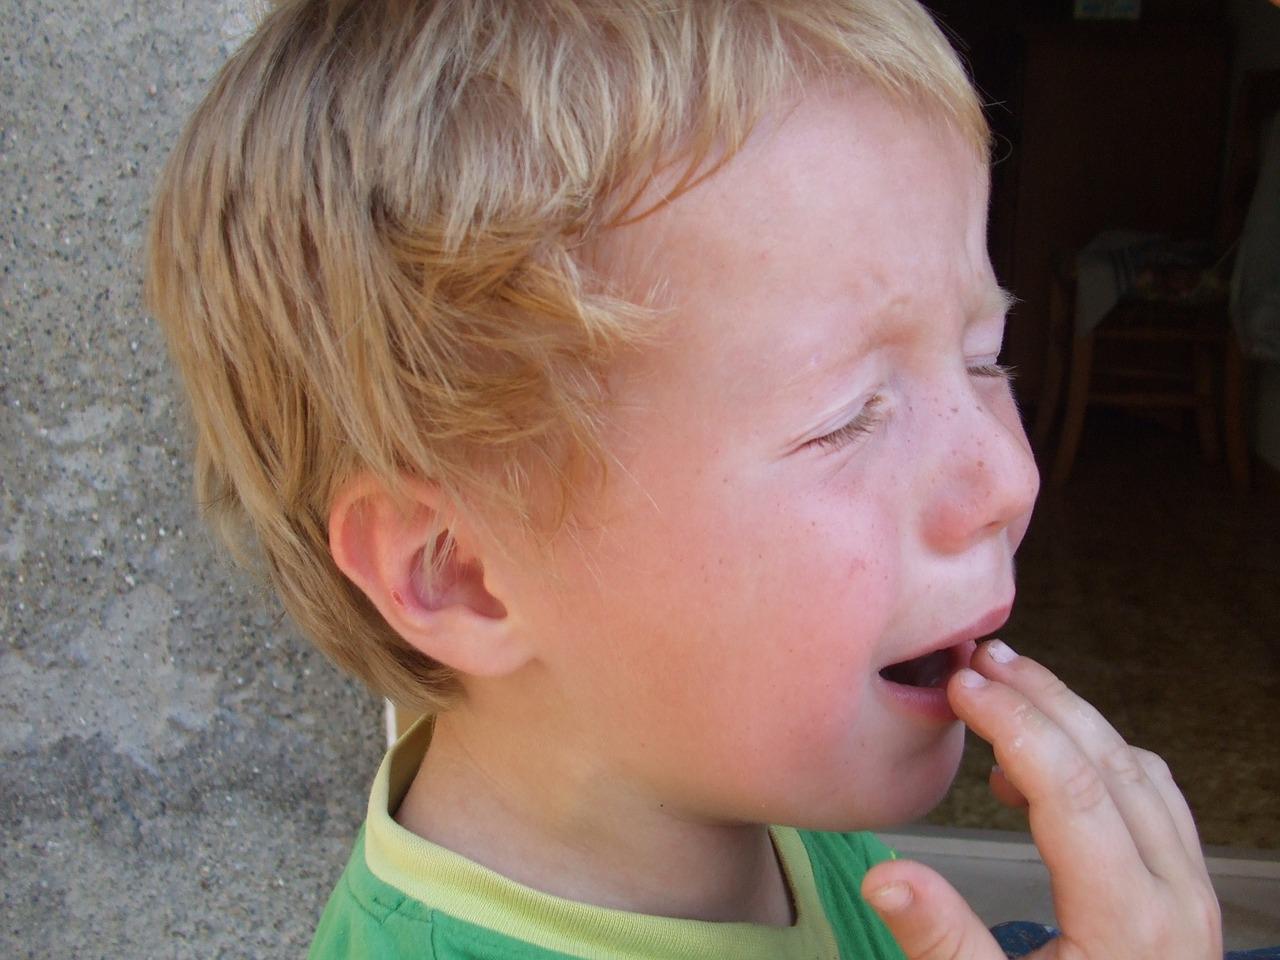 ונשמרתם: מתי לשלוח ילד חולה לביתו?